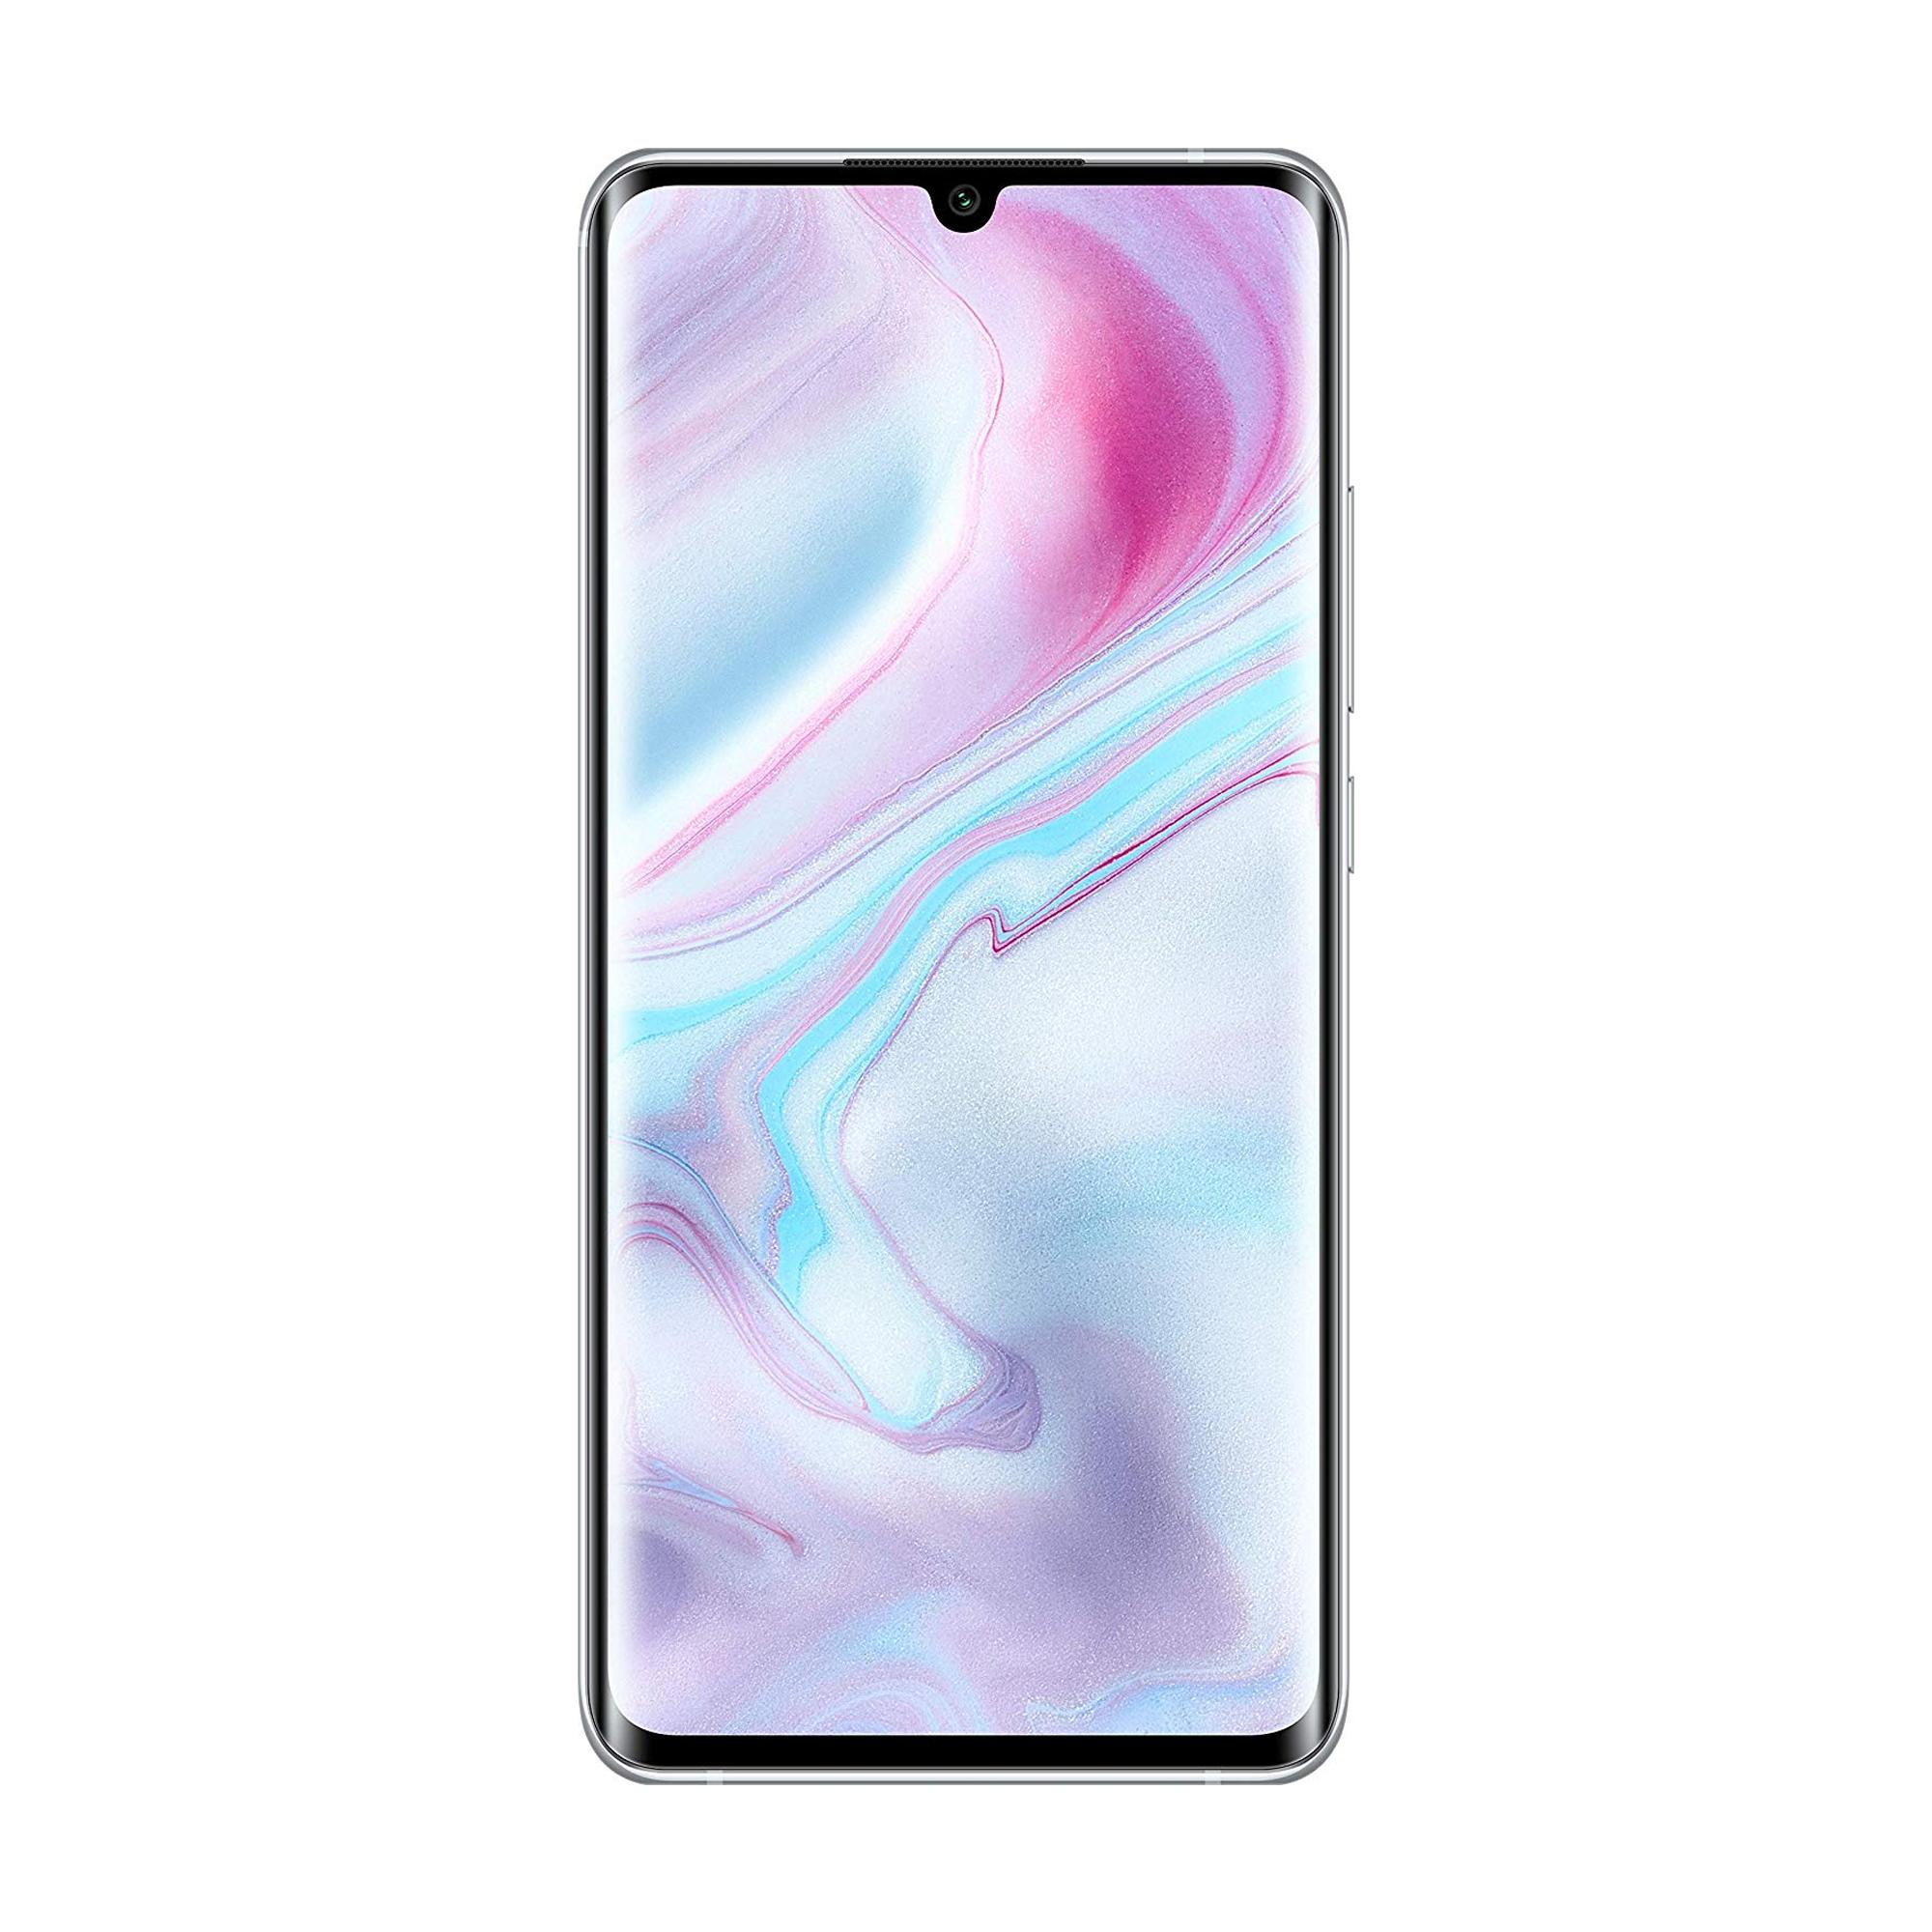 Xiaomi Redmi Note 10 New – گوشی موبایل ردمی نوت ۱۰ نیو شیائومی